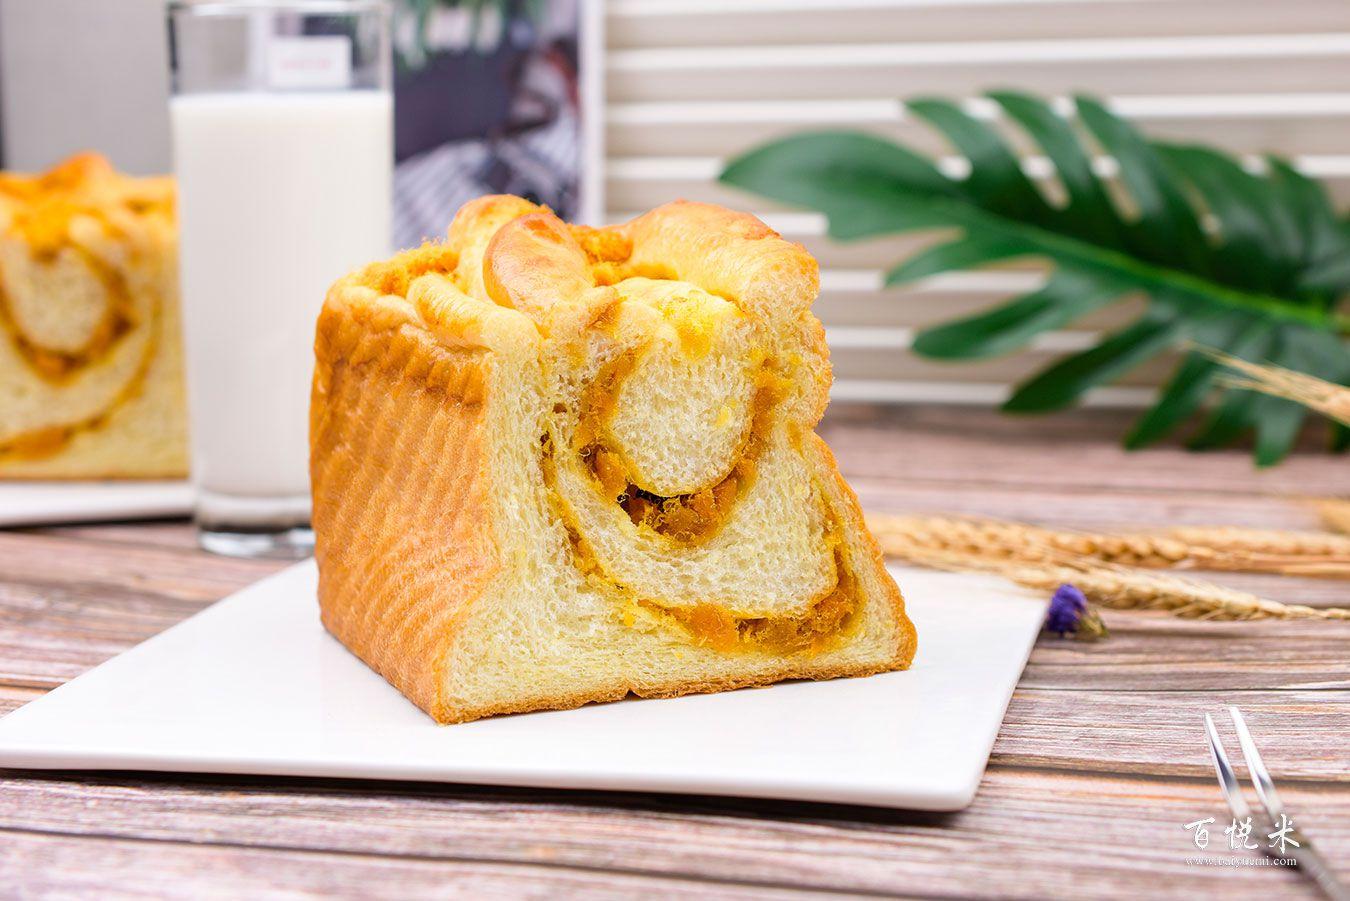 肉松吐司面包高清图片大全【蛋糕图片】_335